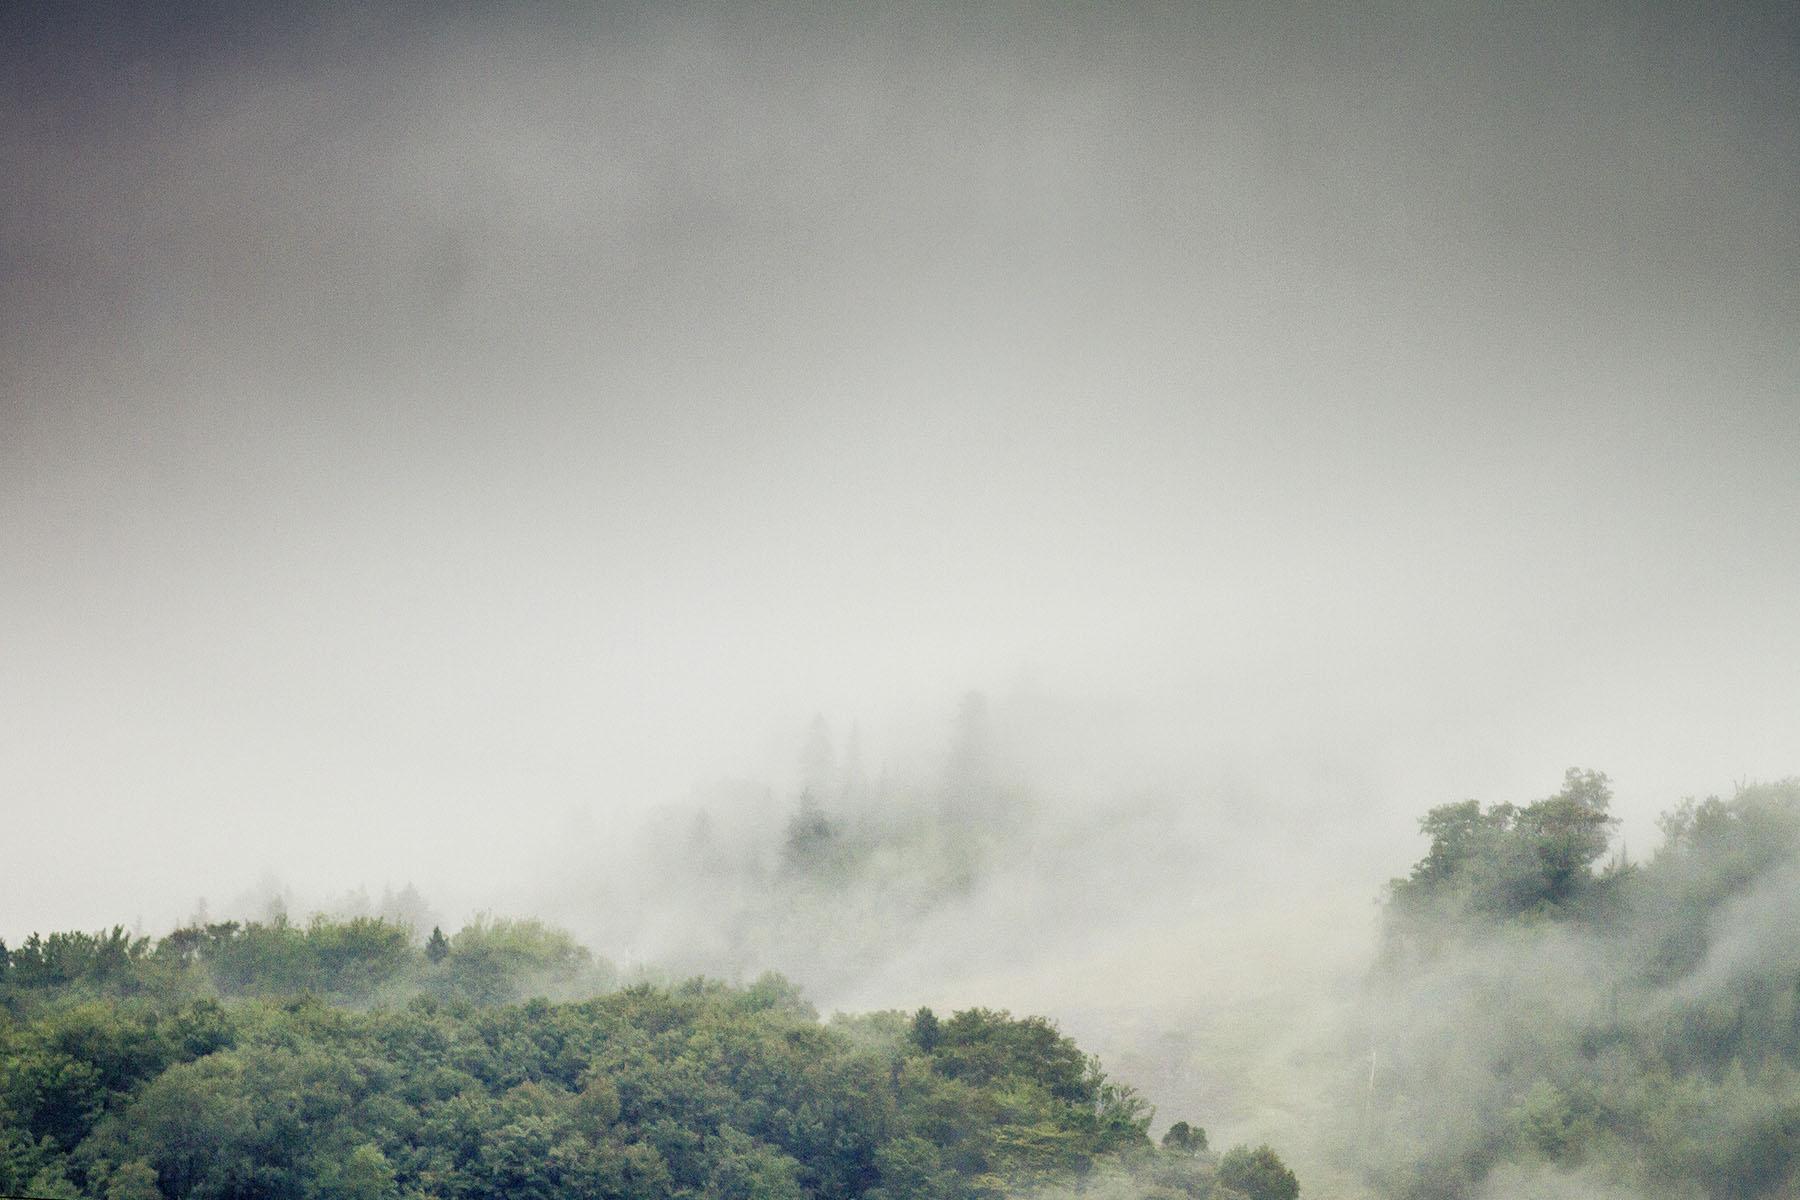 Ein leicht abschreckender Blick auf die Berge. Die Wolken hingen tief und regneten sich ab. Eine gelungene Abwechslung für den sonst eher trockenen, staubigen Track.